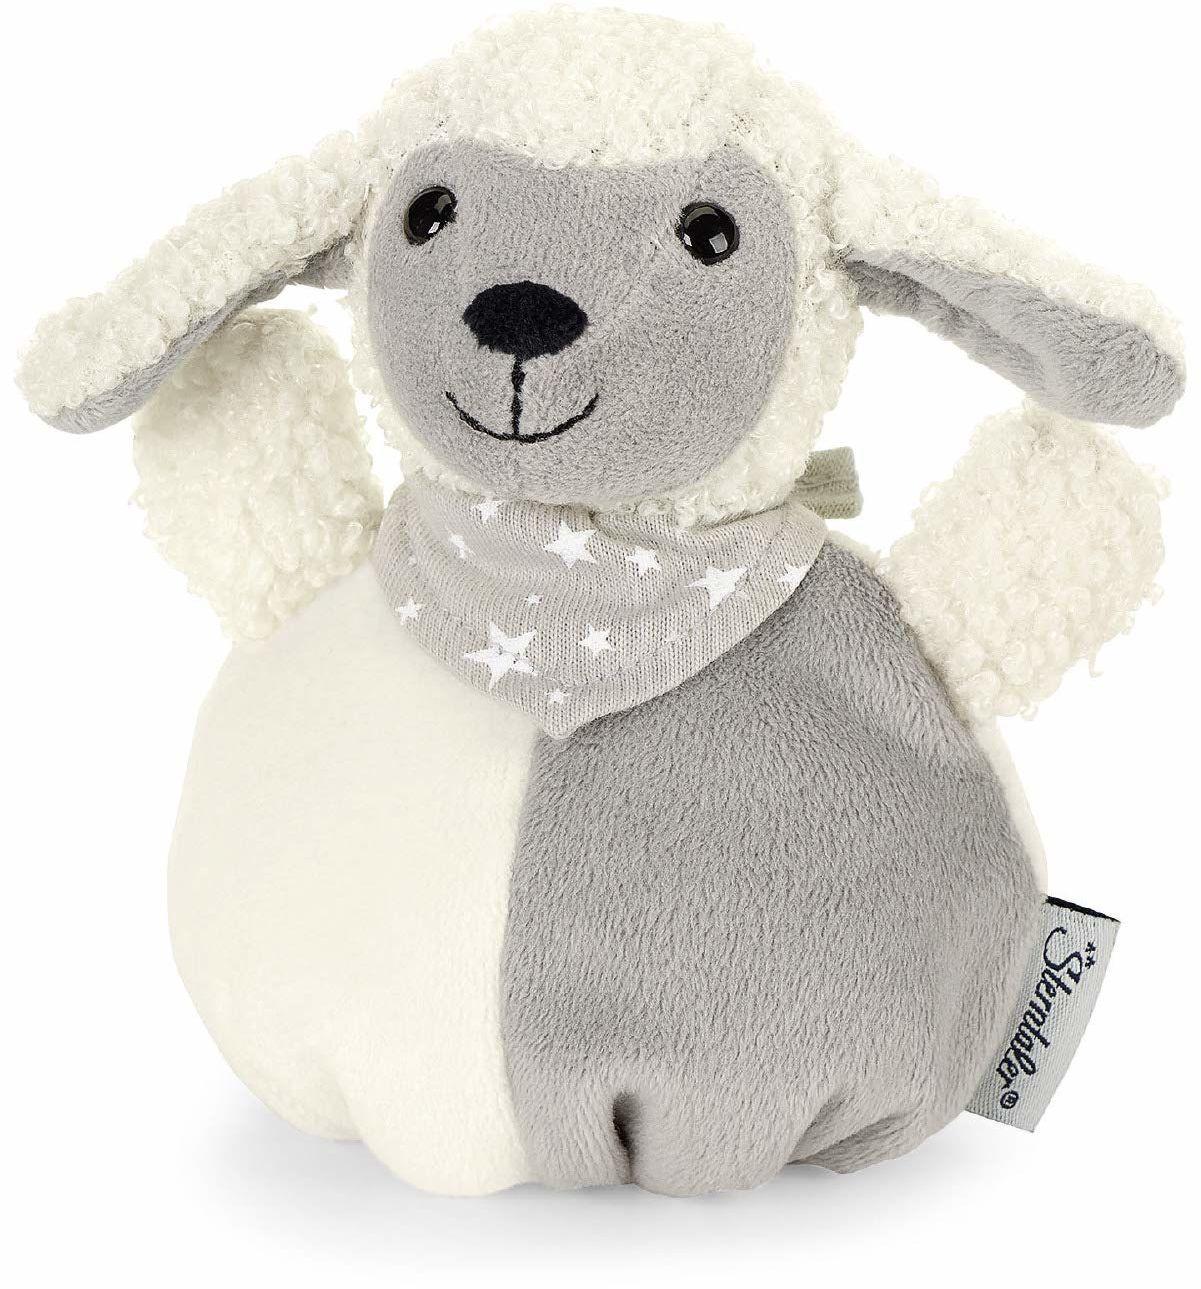 Sterntaler 3321968 przytulanka owca poduszka, wielokolorowa